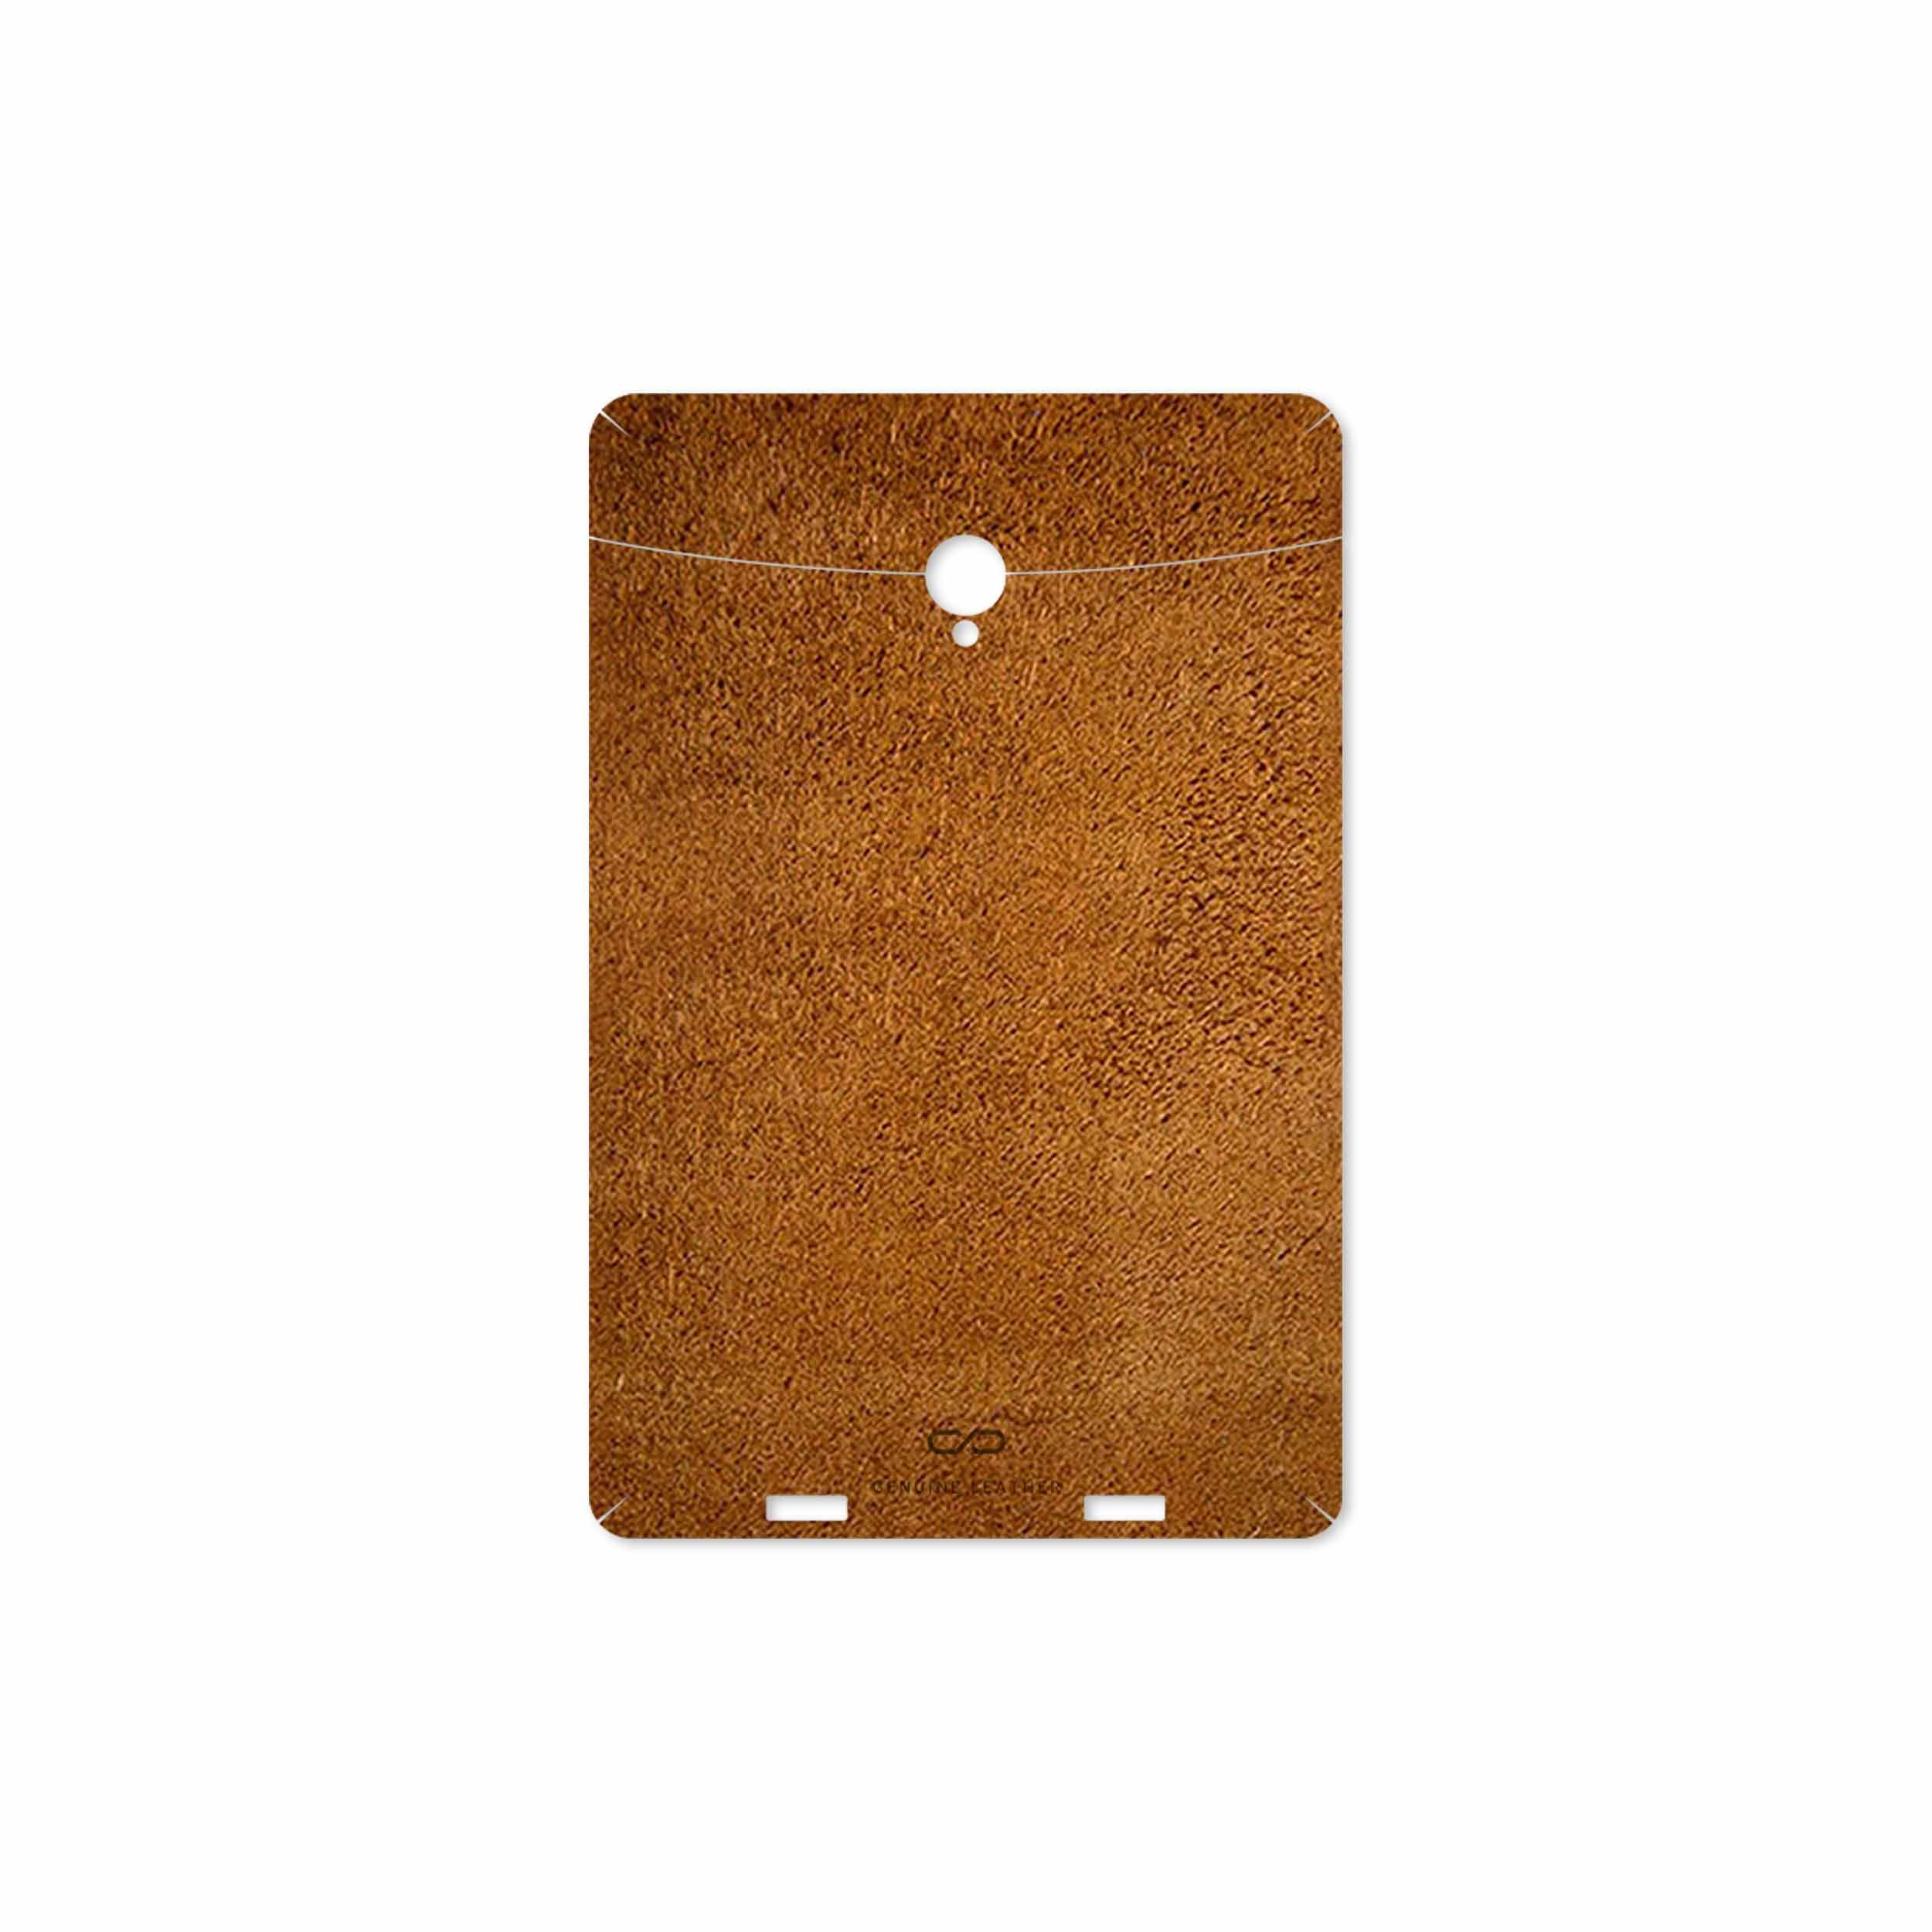 بررسی و خرید [با تخفیف]                                     برچسب پوششی ماهوت مدل Brown-Chamois-Leather مناسب برای تبلت وریکو Unipad                             اورجینال